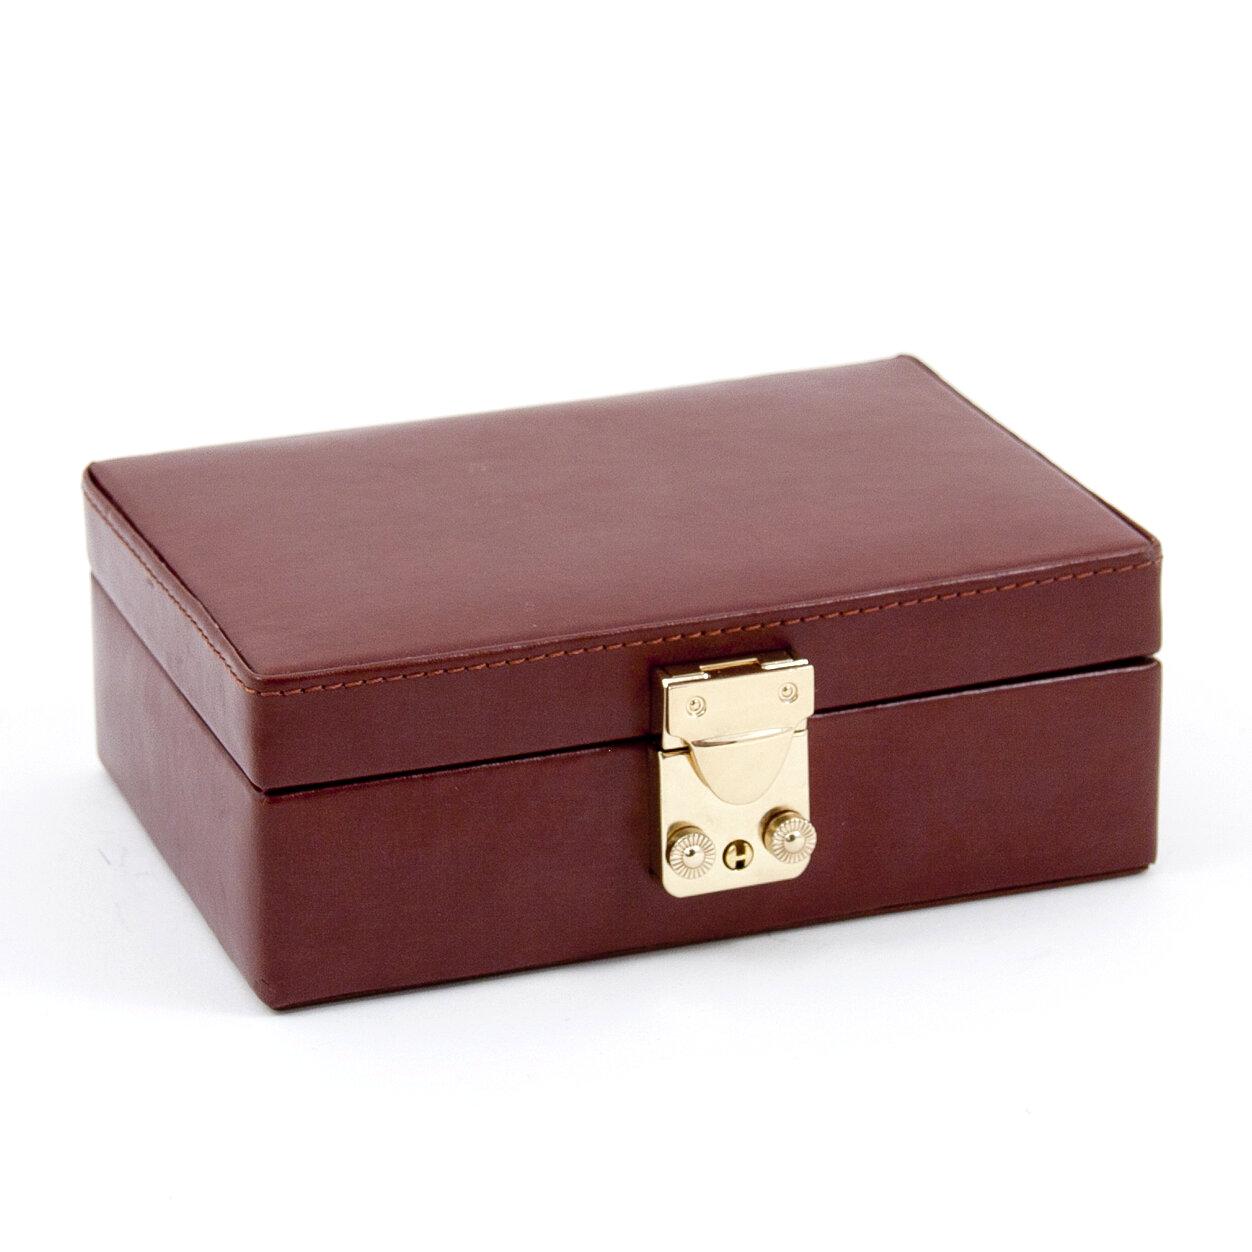 Bey berk men 39 s cufflink box ebay for Bey berk jewelry box